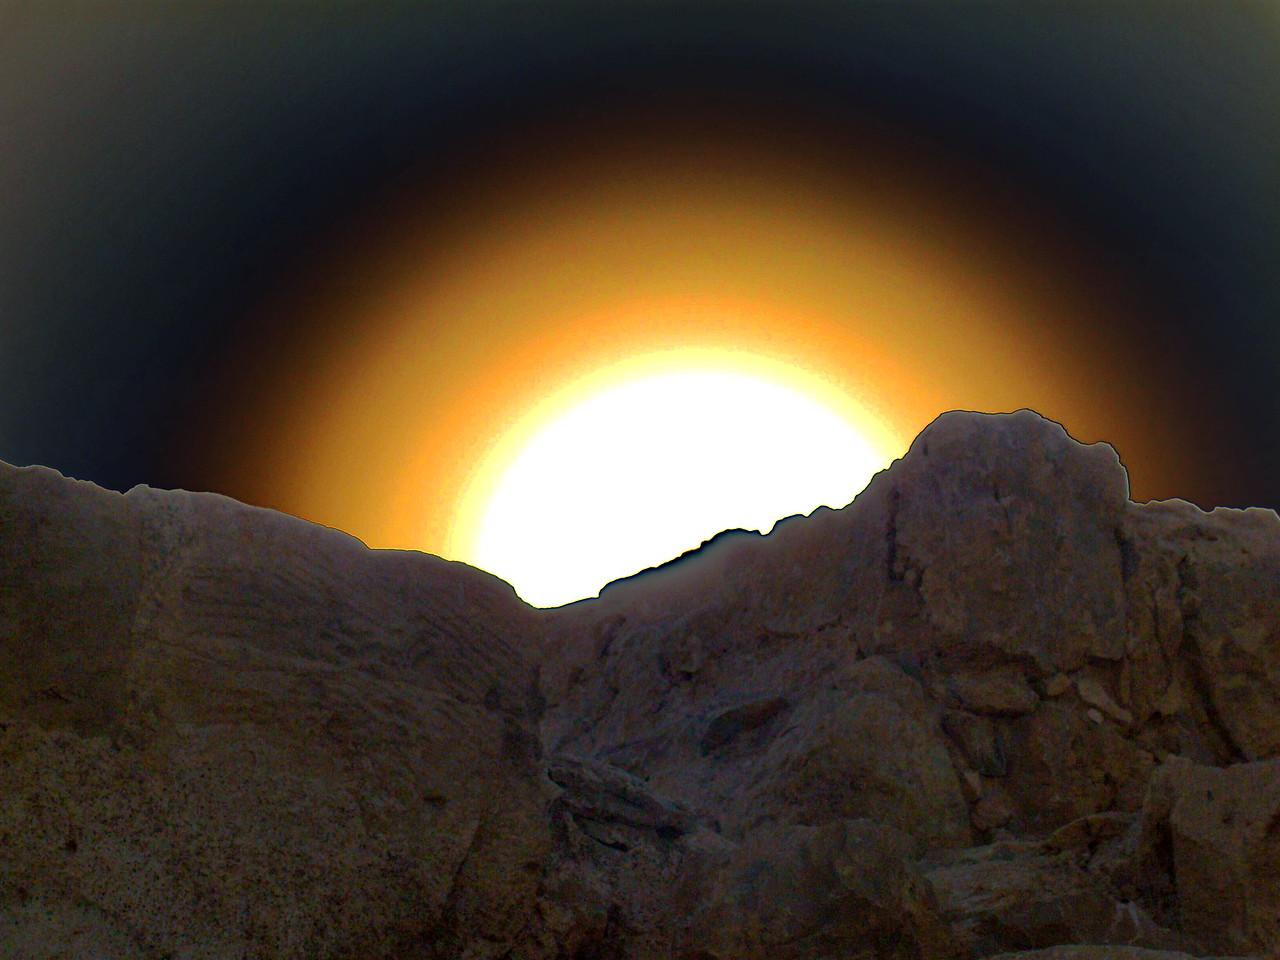 Sun behind the Judean Mountains